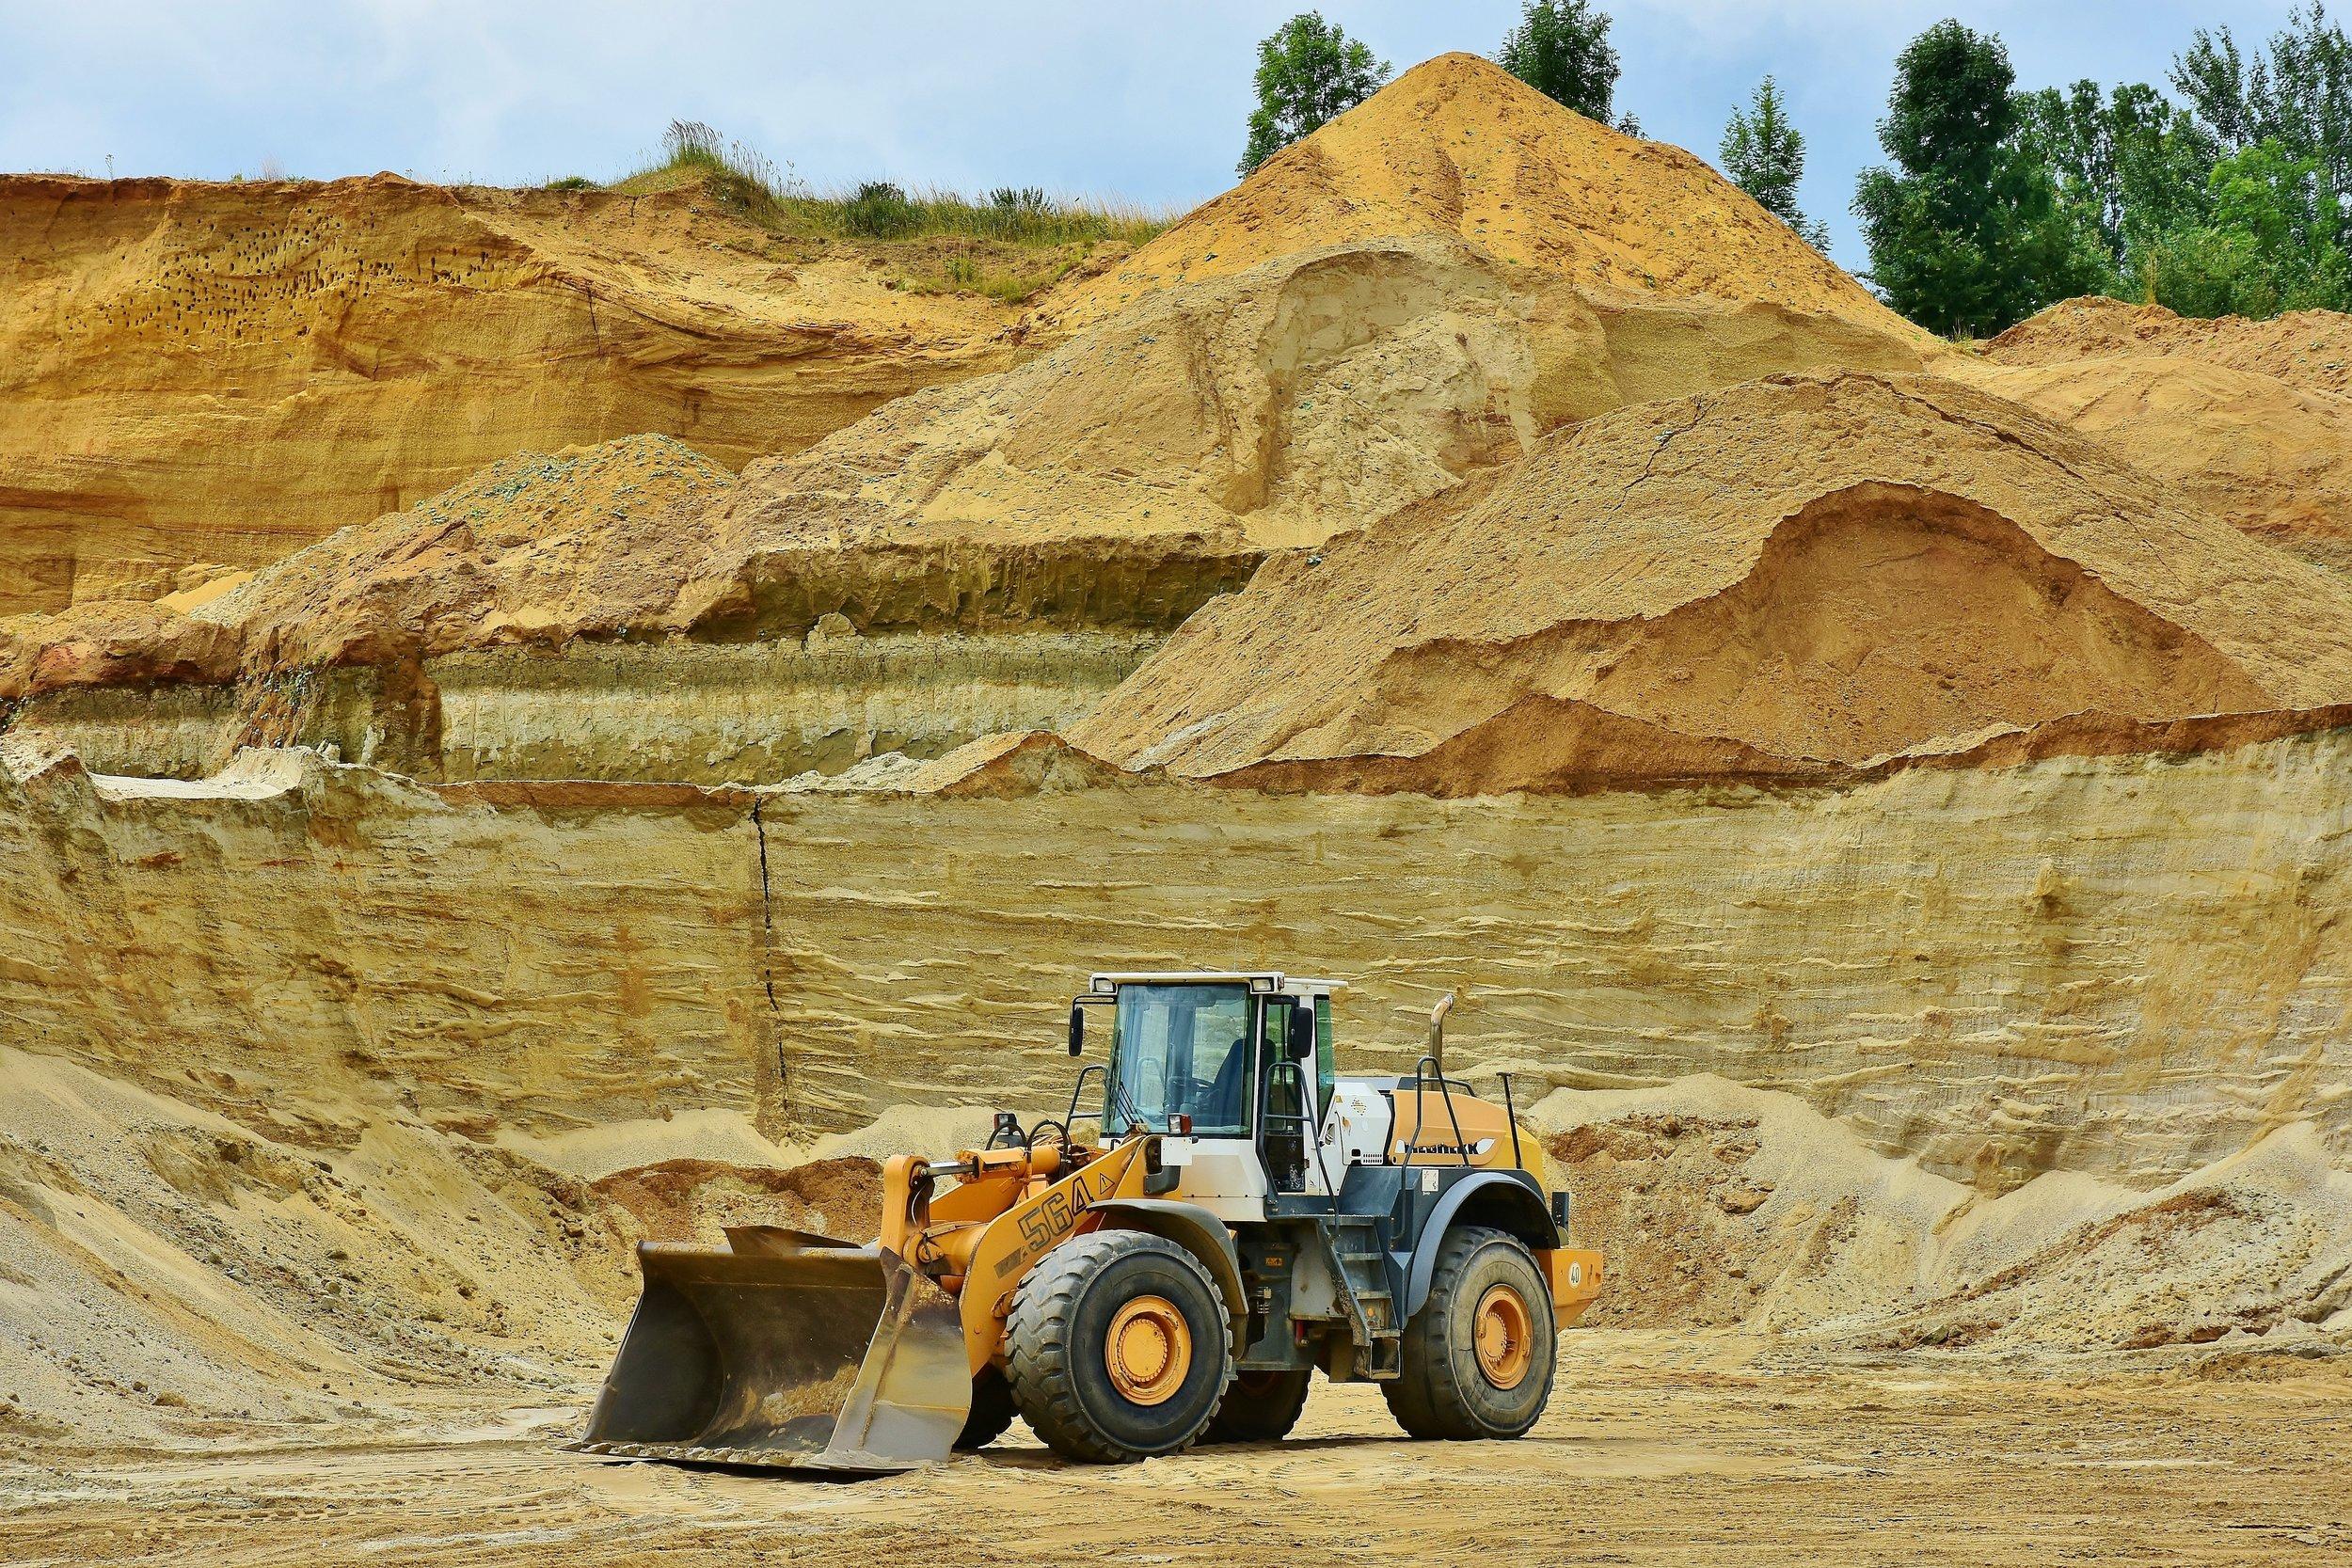 backhoe-bucket-barren-dirt-461789.jpg